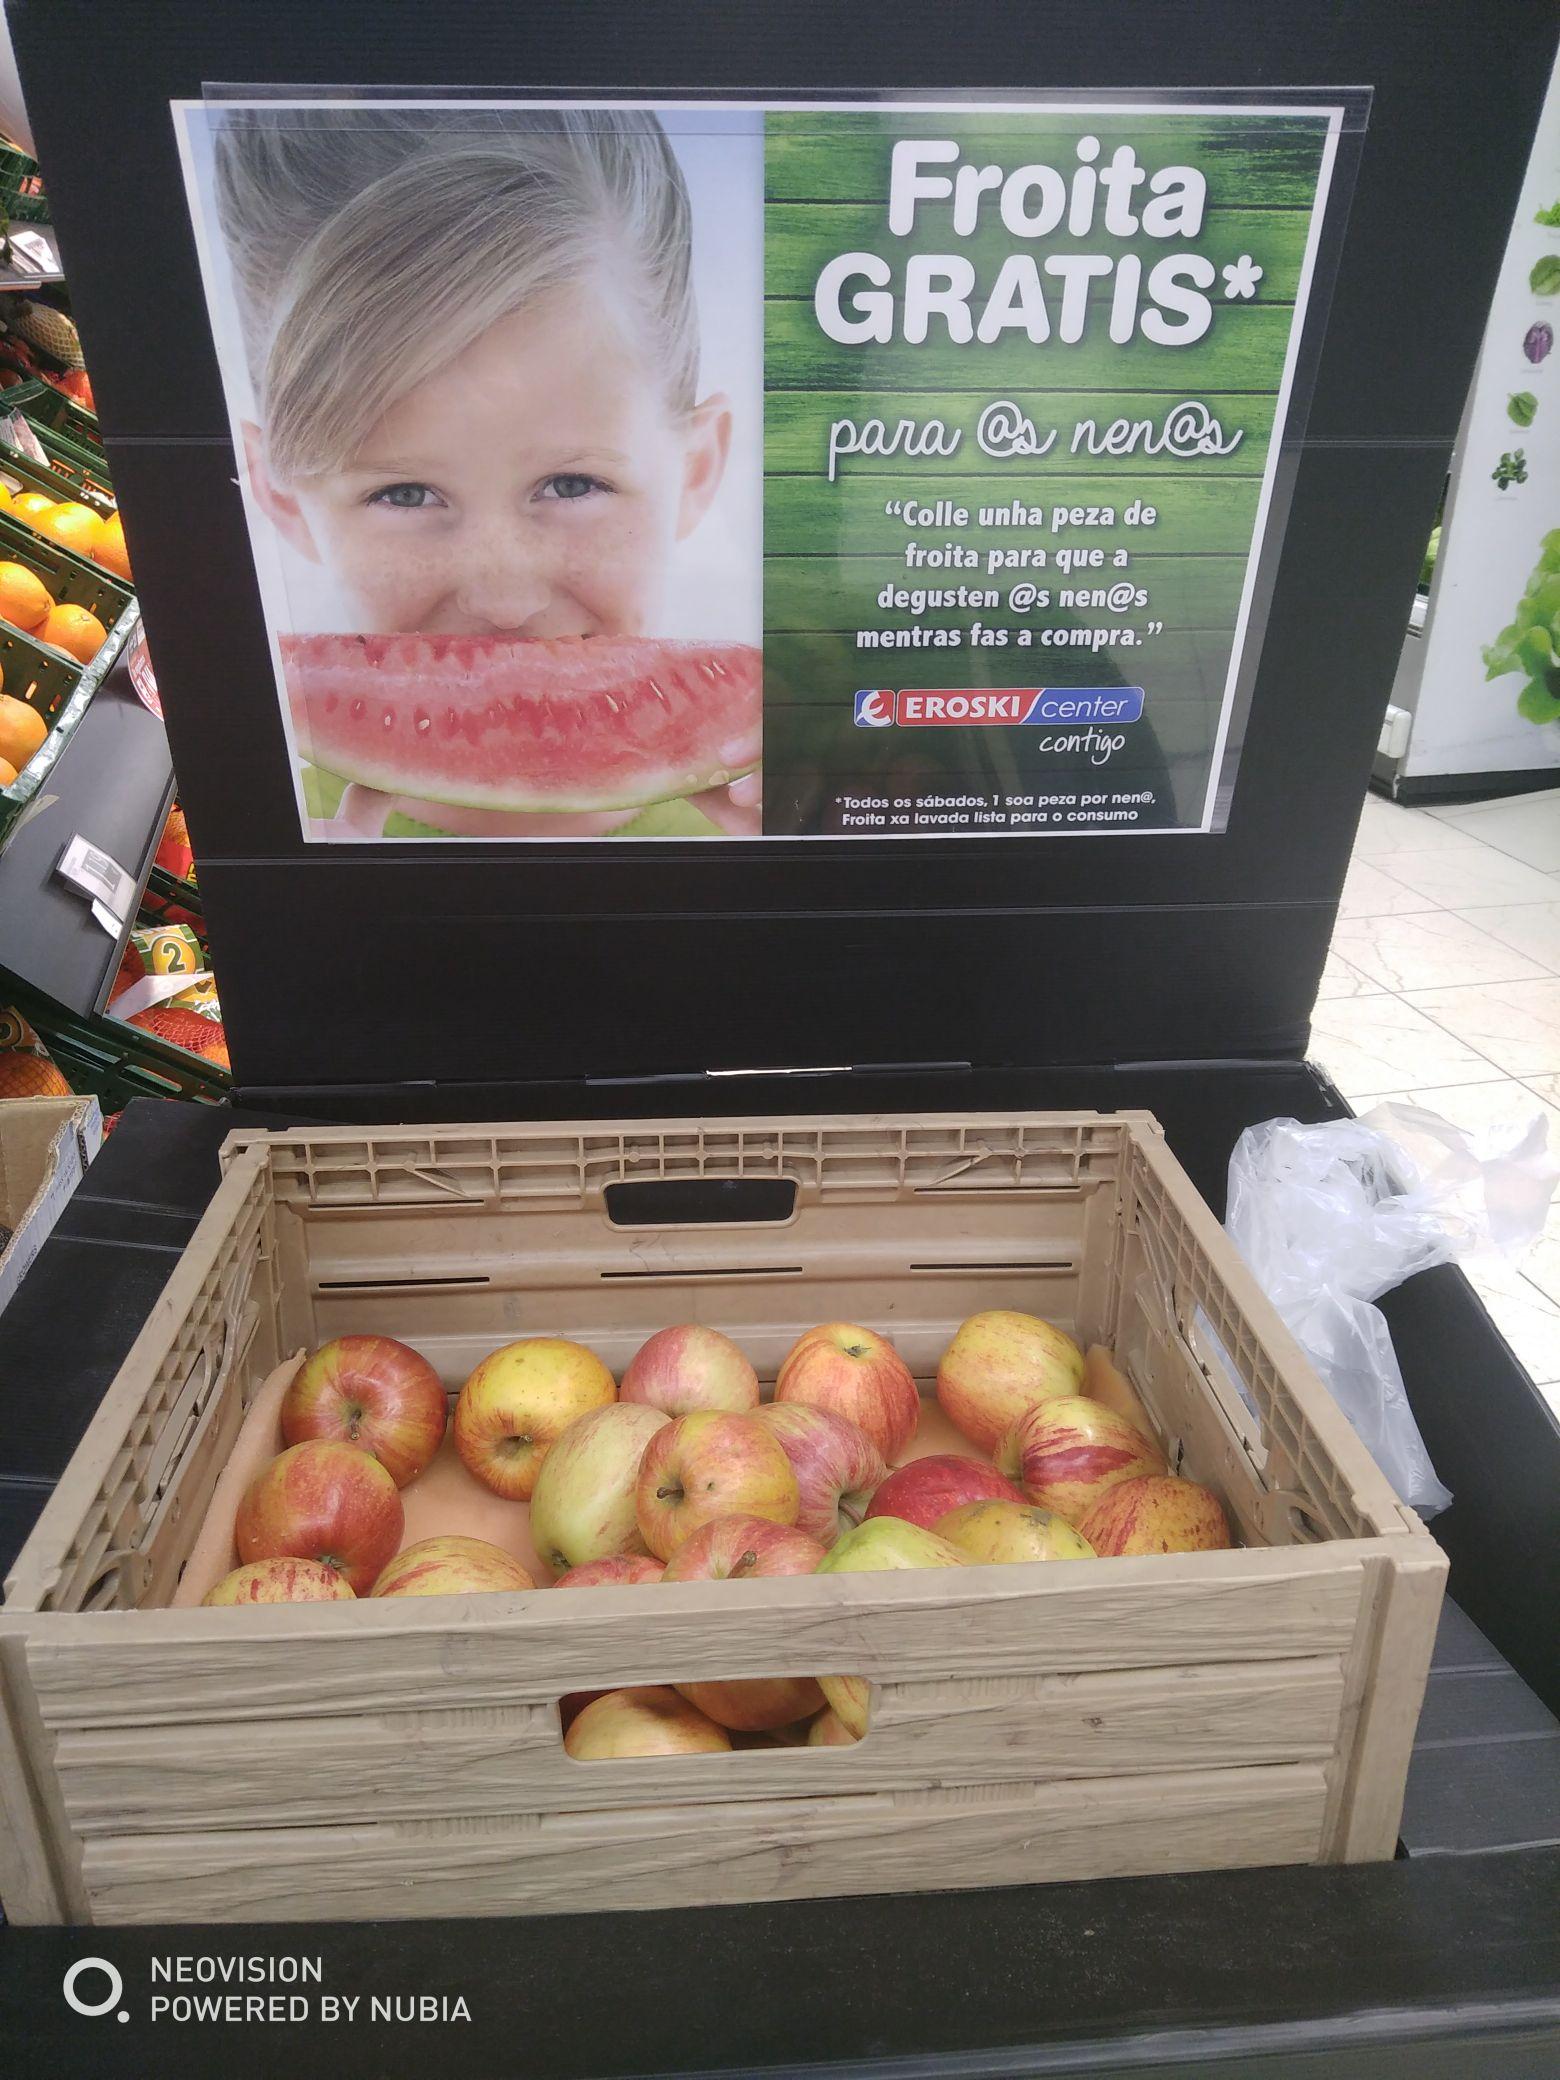 Cierra bocas :Una pieza de fruta gratis los sábados